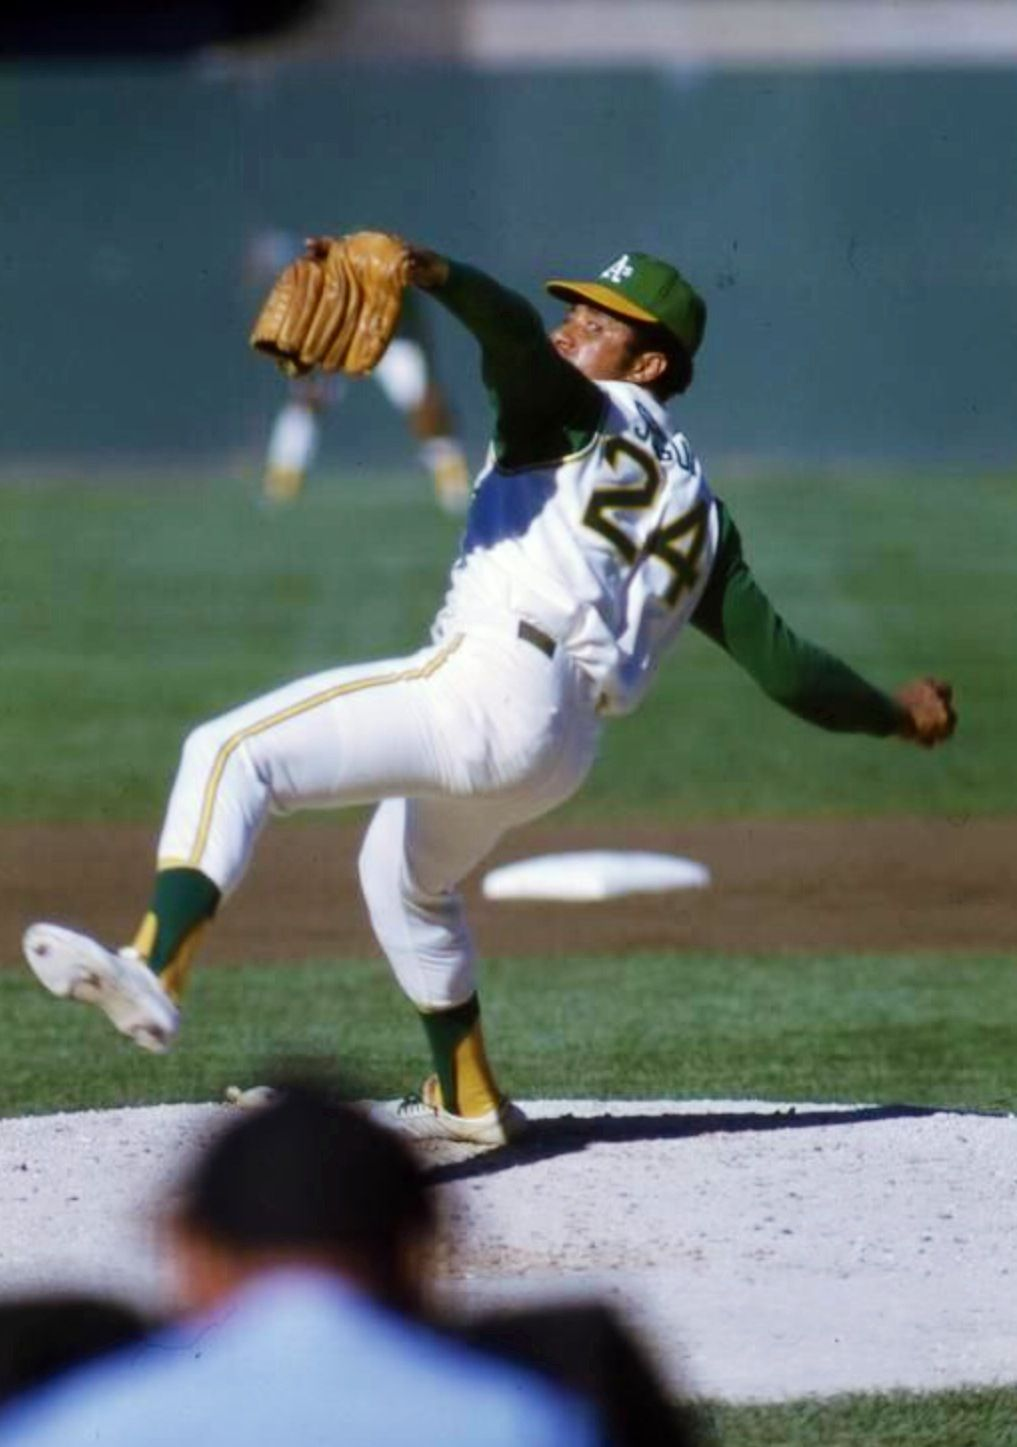 Diego Segui Oakland A S Oakland Athletics Baseball Baseball History Baseball Star